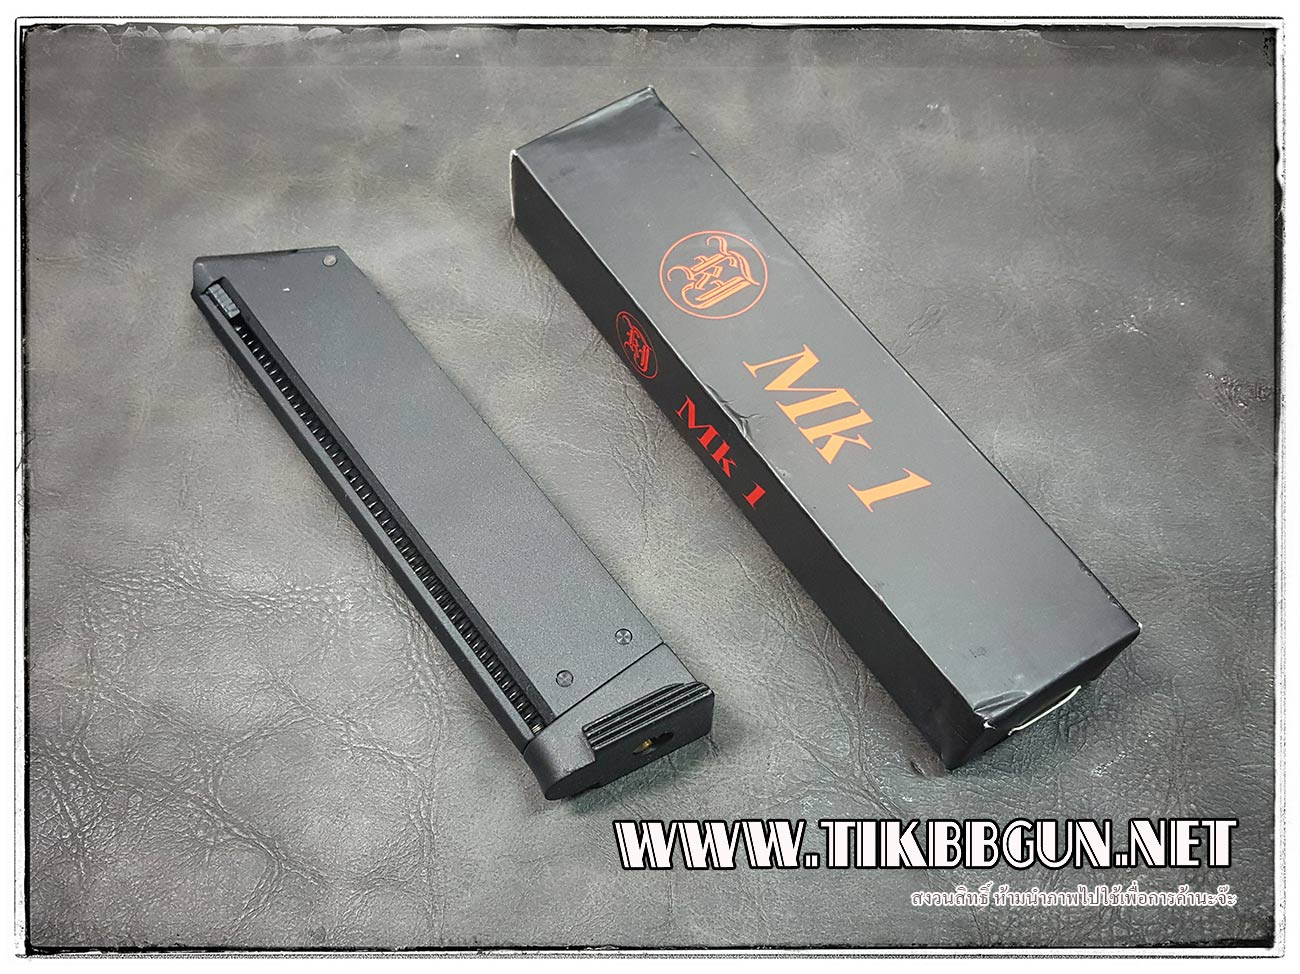 แม๊กสำหรับปืนแก๊ส MK1 จาก Kjwork